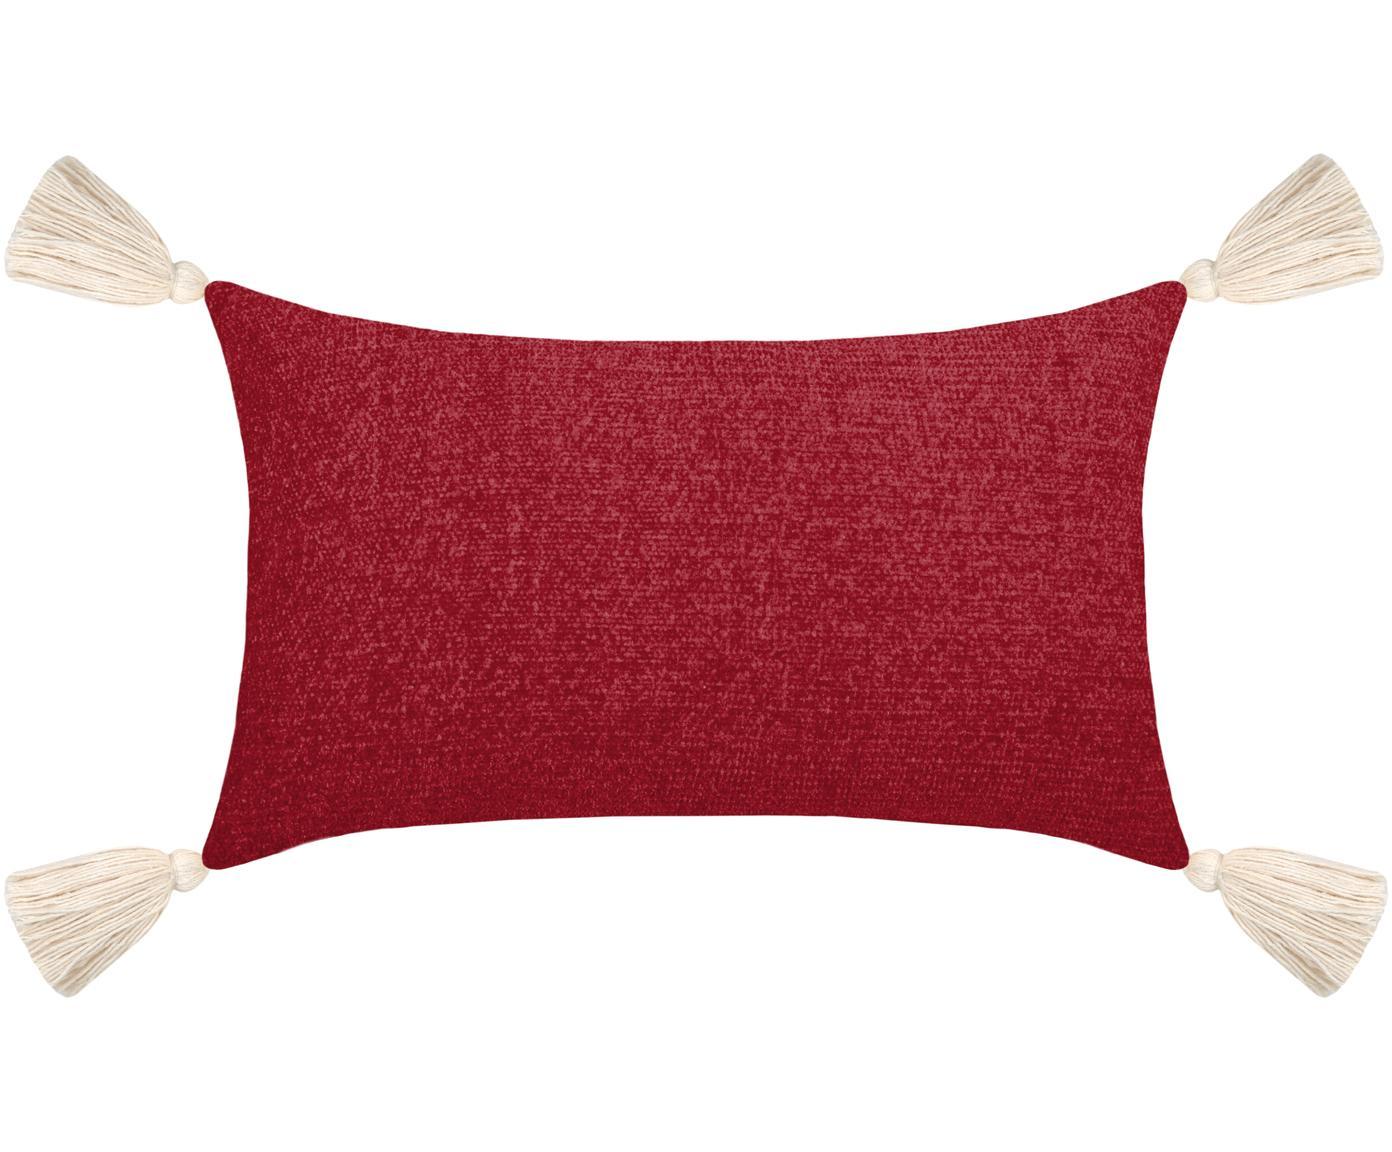 Cuscino con imbottitura Chila, Poliestere, Rosso, Larg. 30 x Lung. 50 cm